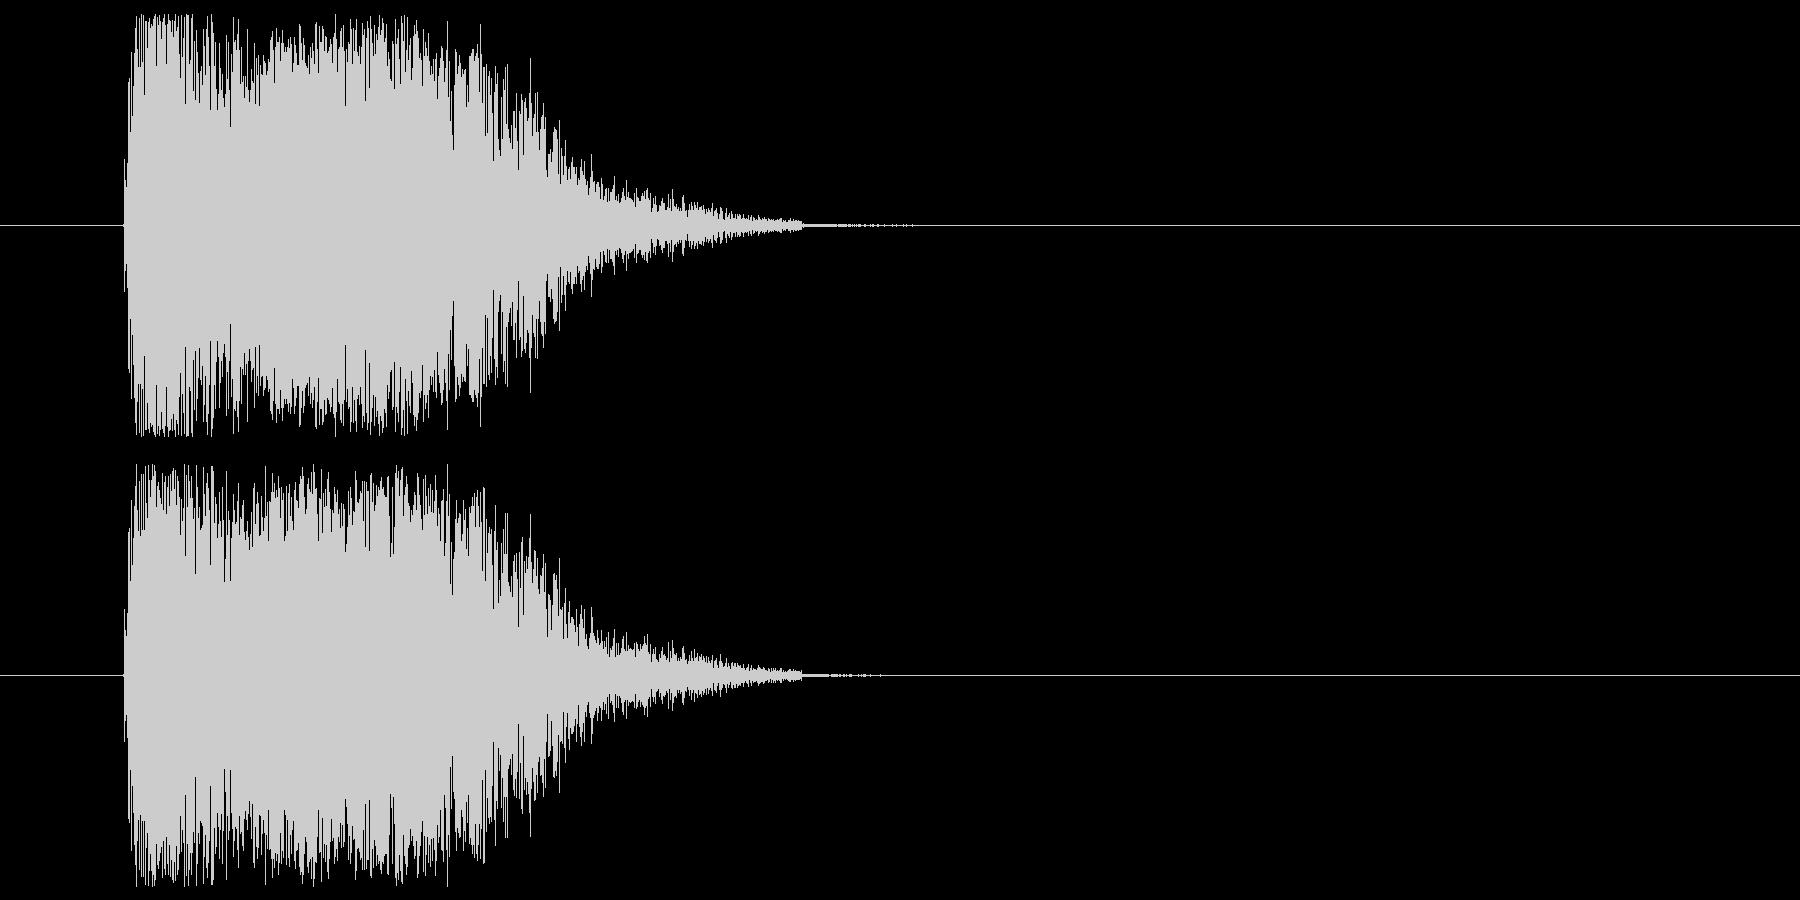 打撃音_ダメージ音の未再生の波形